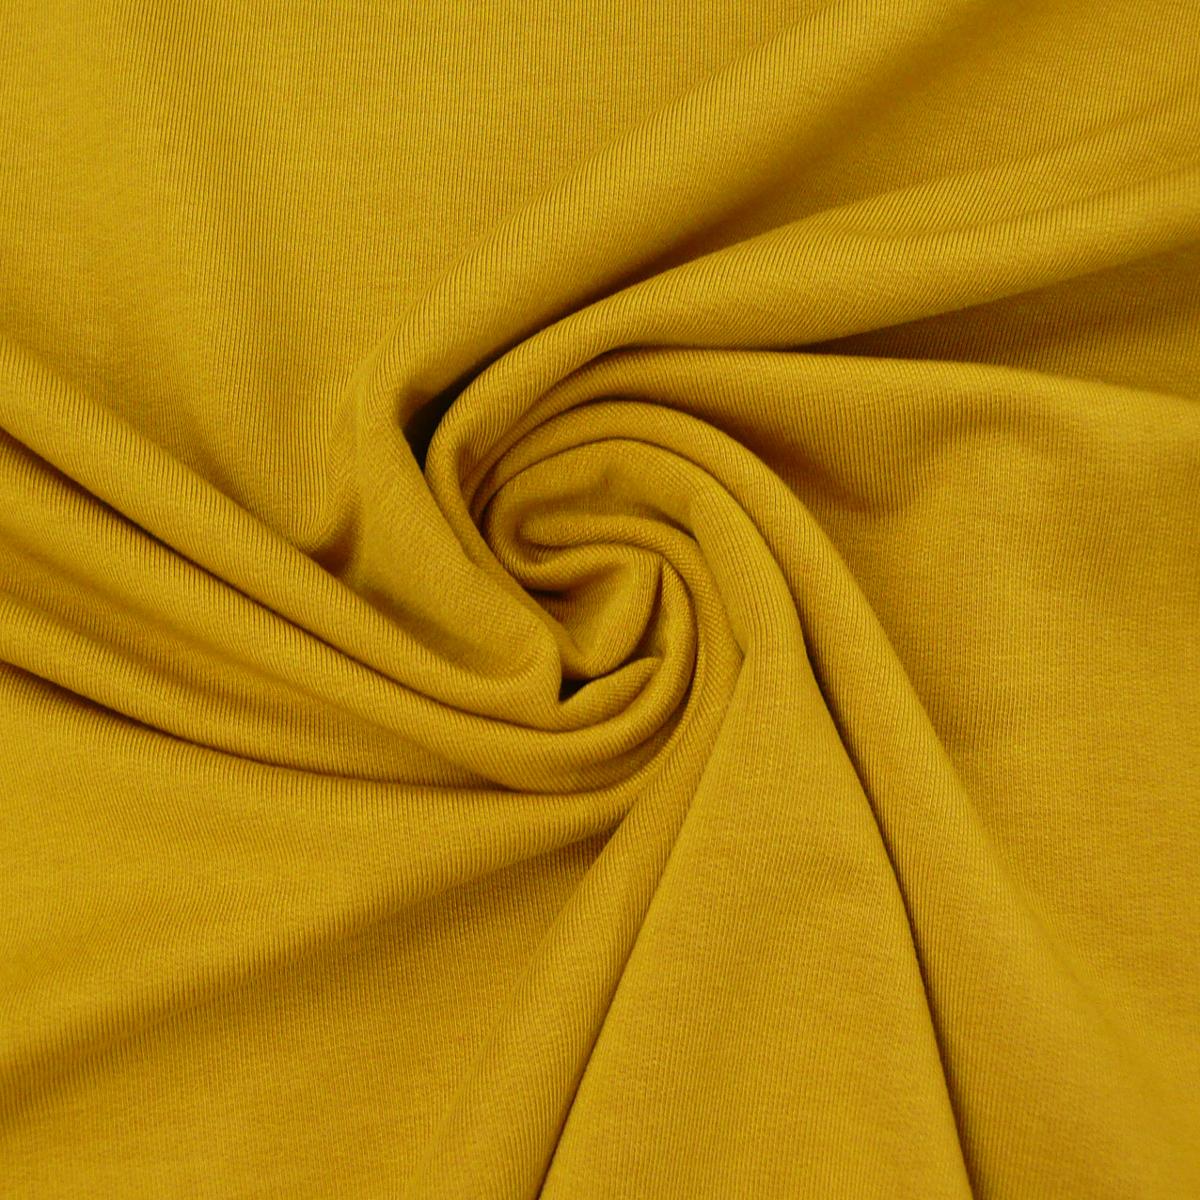 Bekleidungsstoff elastisch Modal einfarbig okker gelb